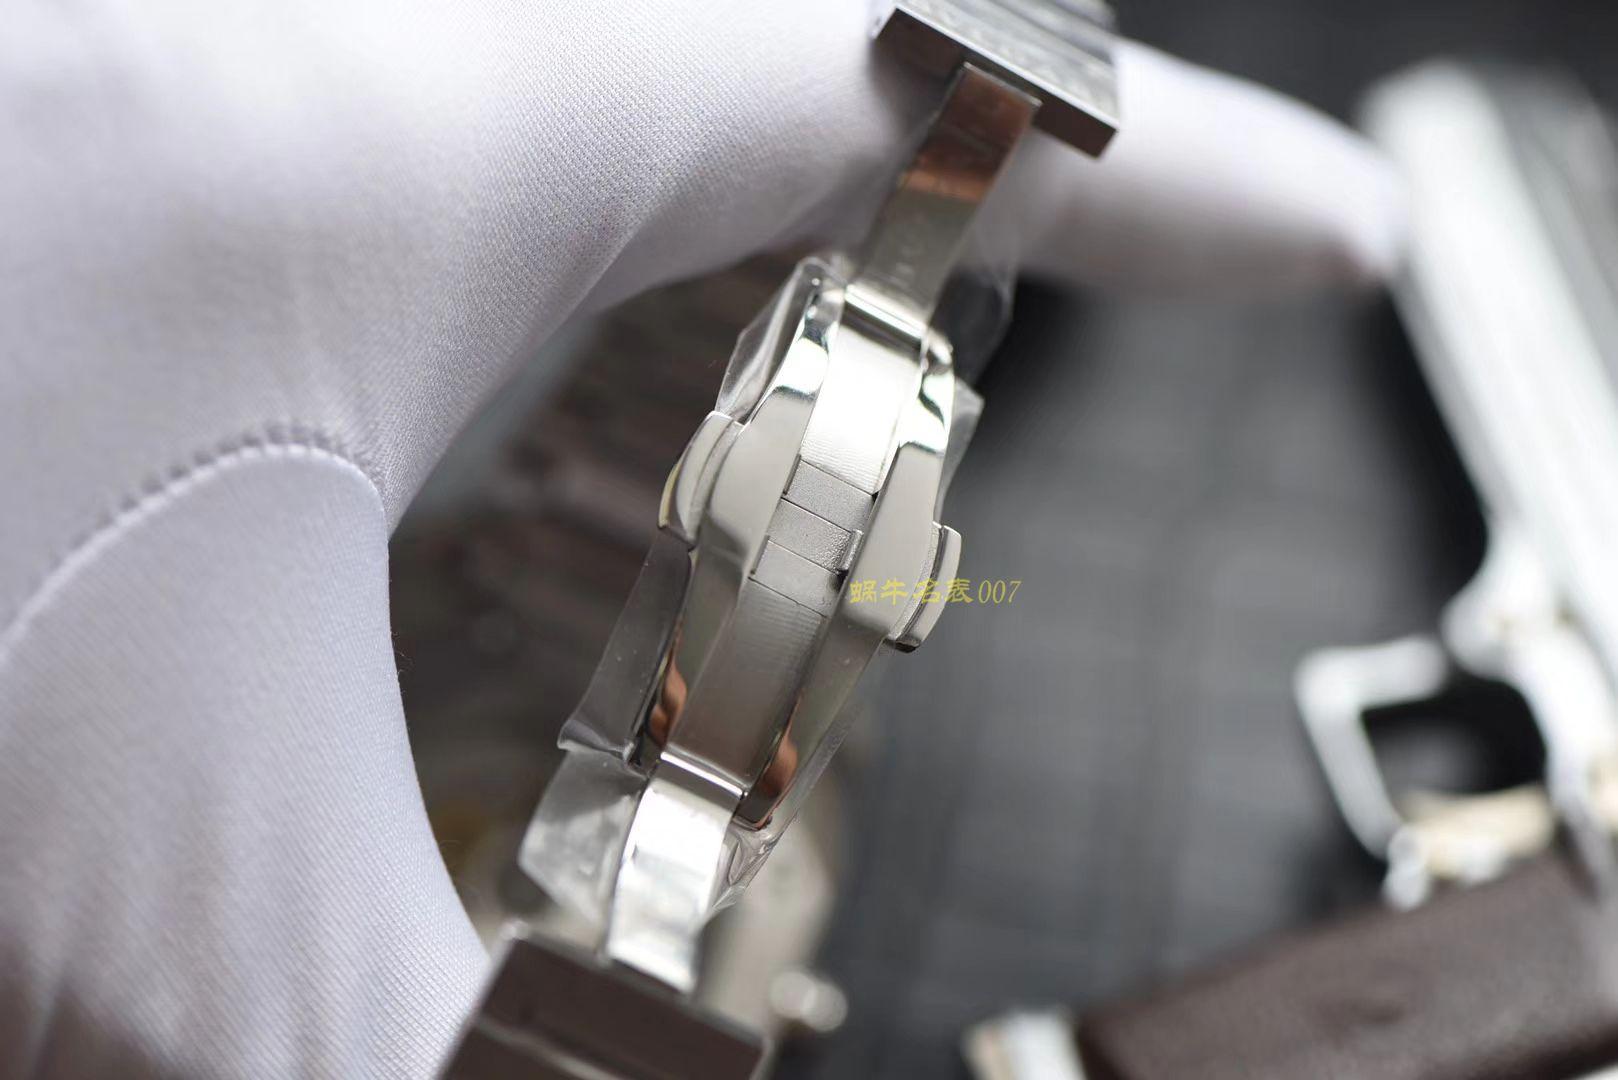 宝格丽OCTO系列102031 BGO41BSSD,102104 BGO38BSSD腕表【台湾厂顶级复刻表】 / BG025